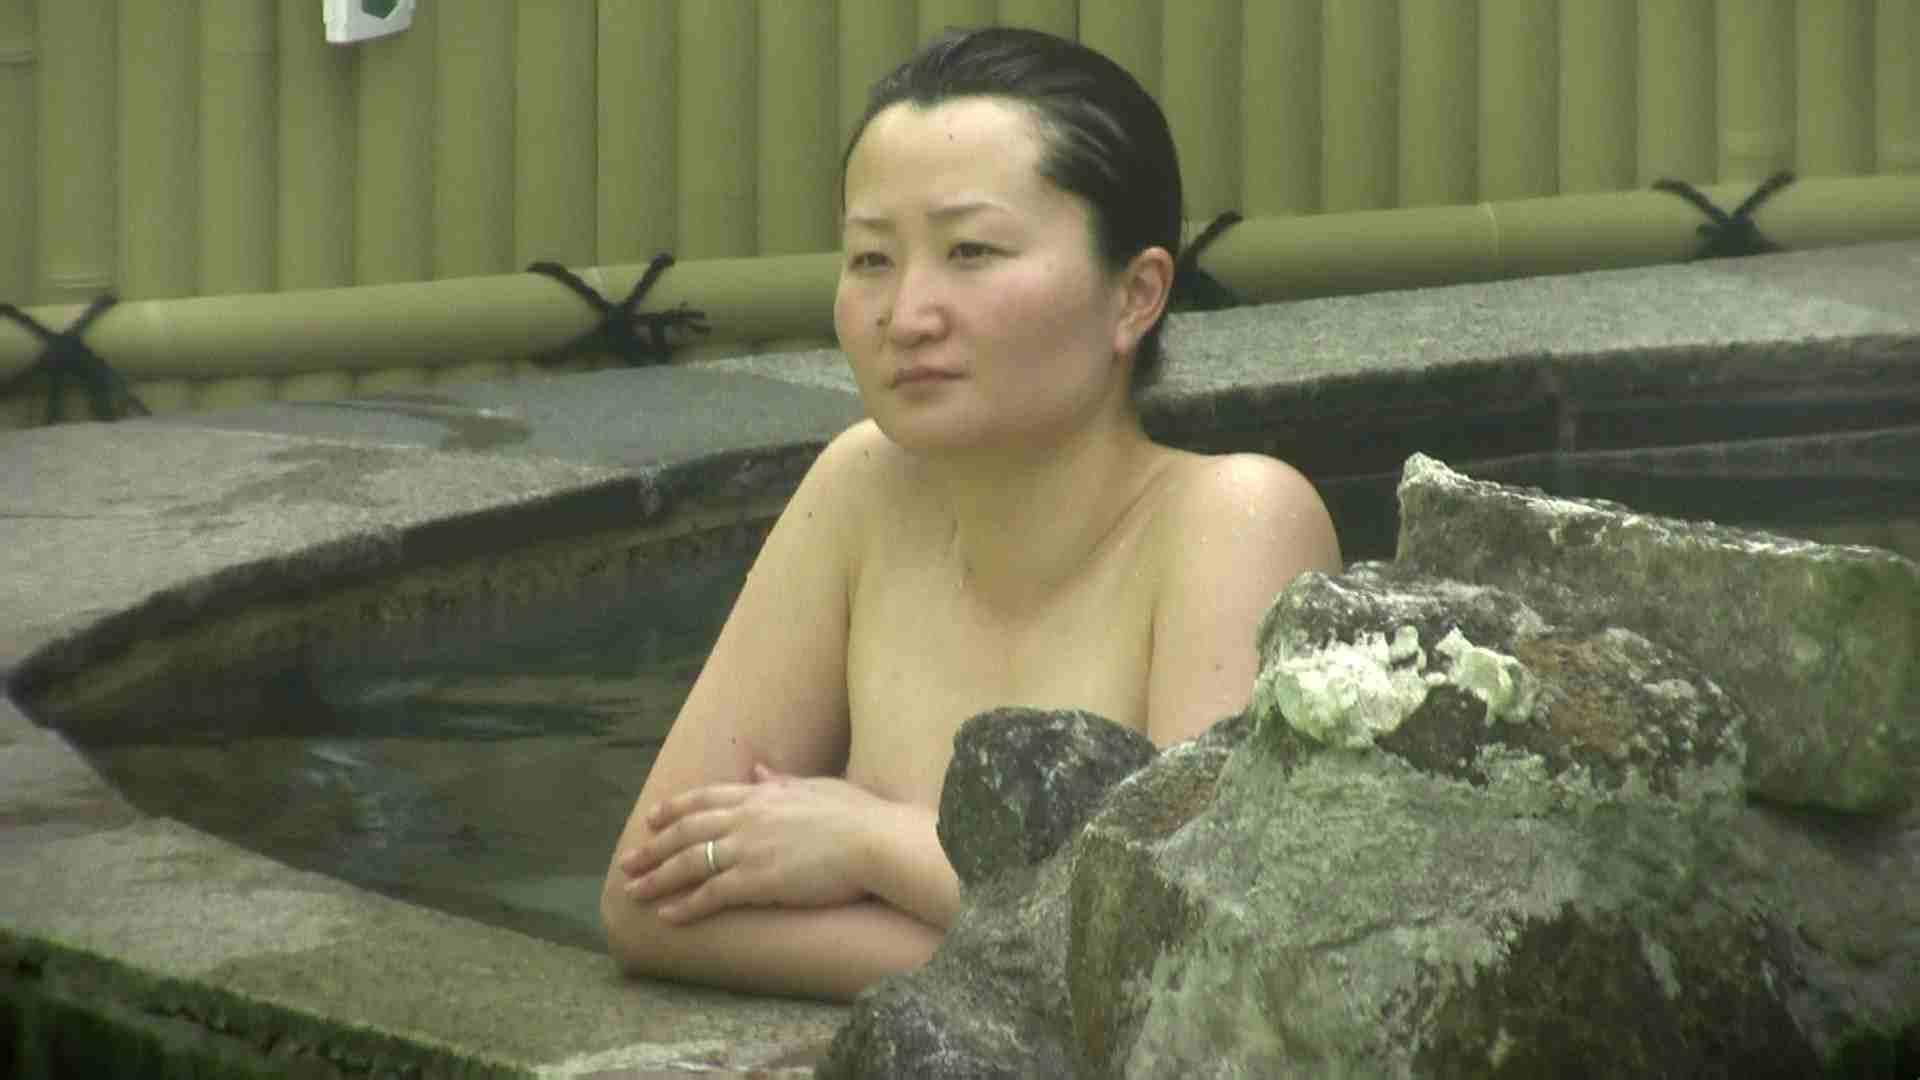 Aquaな露天風呂Vol.632 盗撮  70画像 69